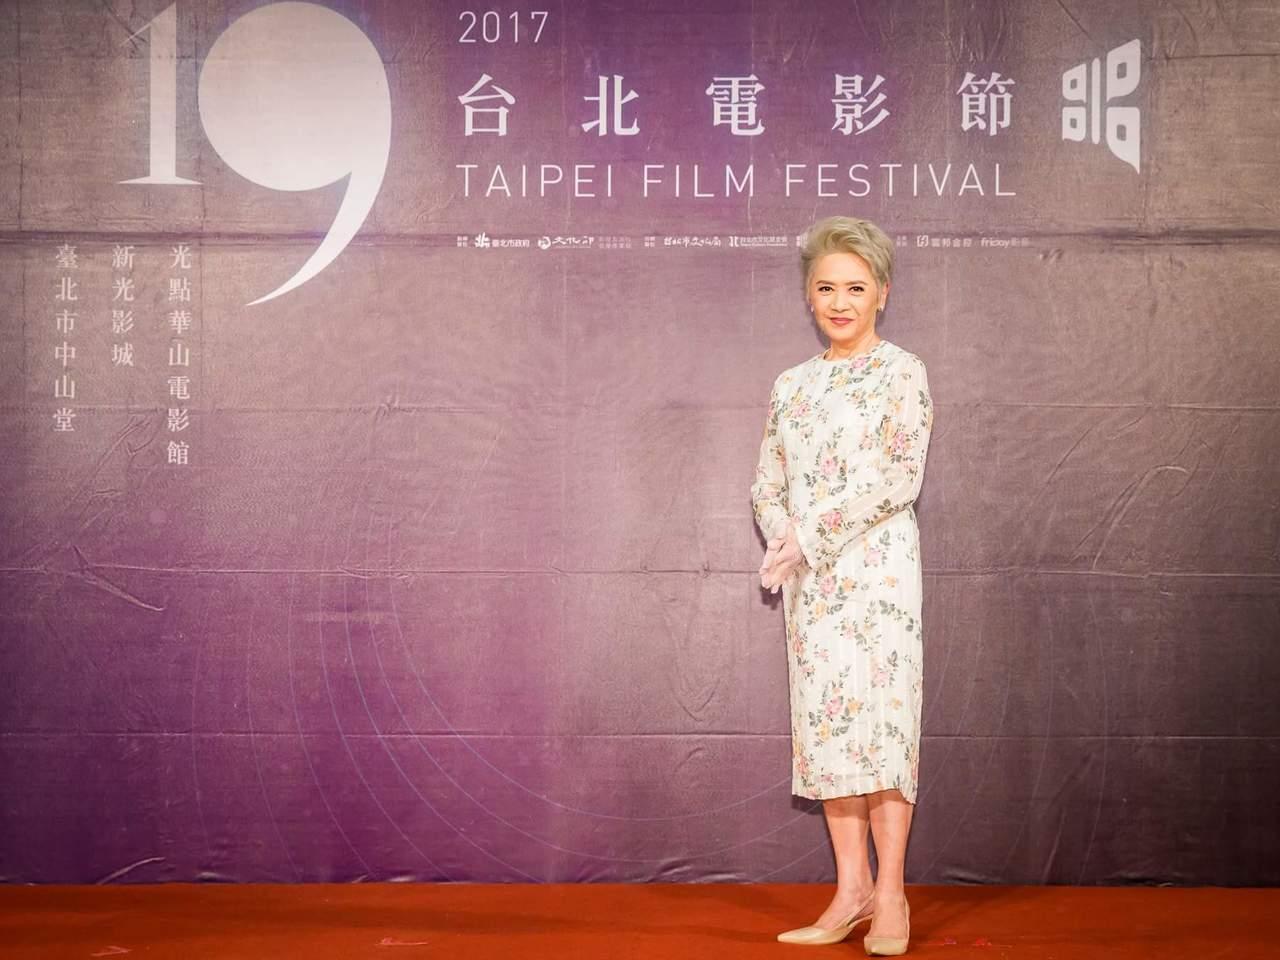 葉德嫻出席「明月幾時有」記者會,戴了白色蕾絲手套。圖/台北電影節提供